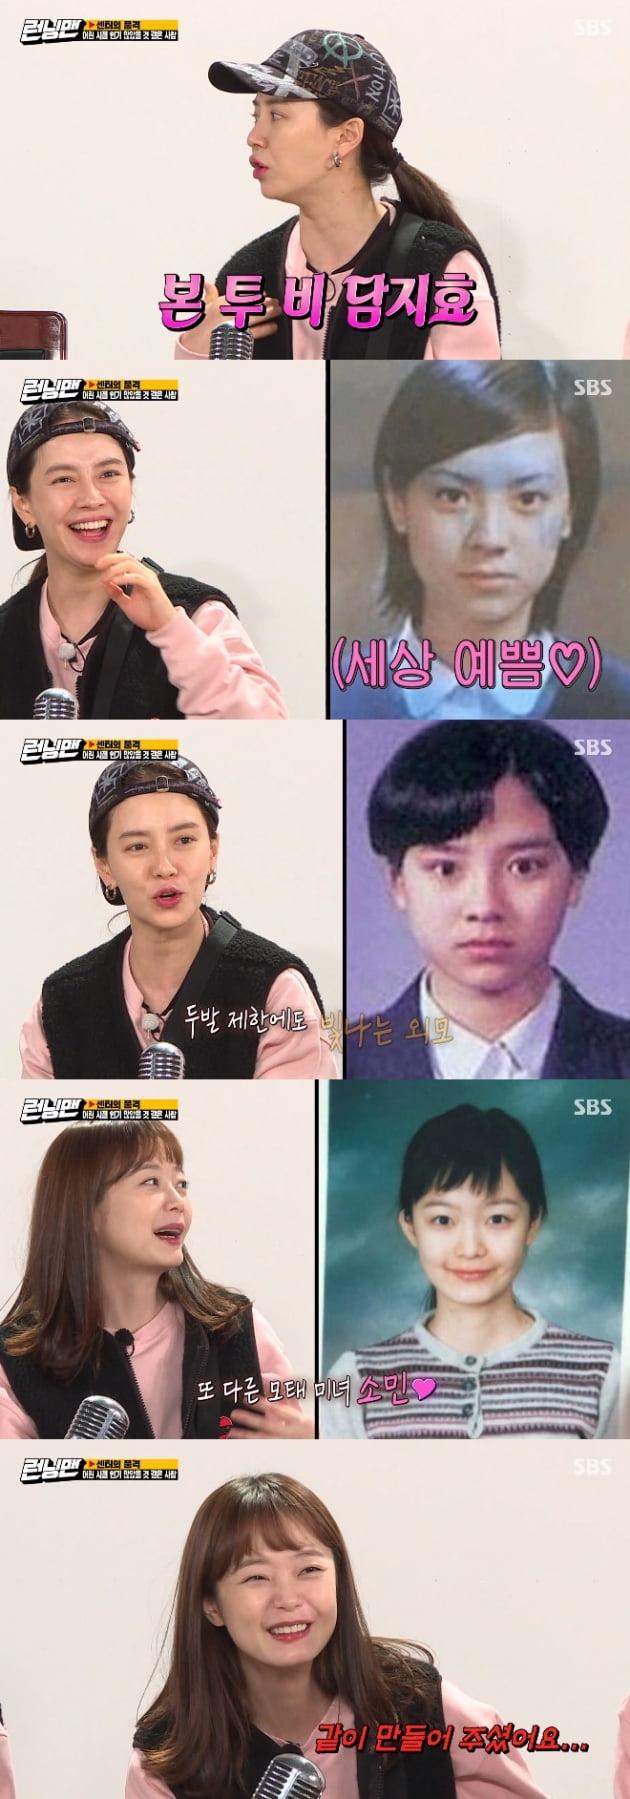 '런닝맨' 송지효 전소민 / 사진 = SBS 영상 캡처